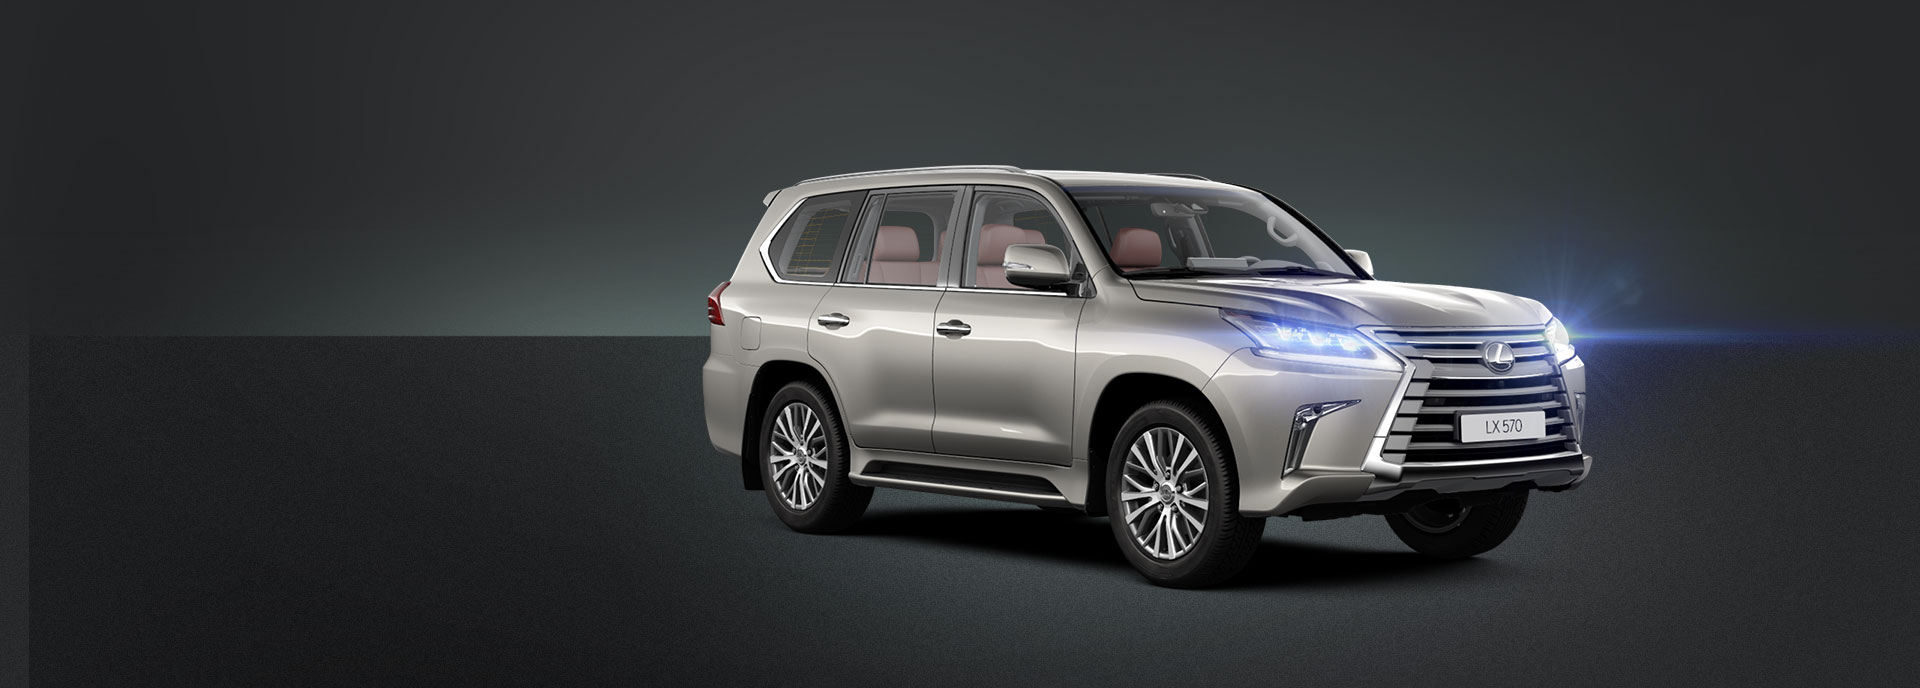 Новый Lexus LX570 внедорожник премиум класса